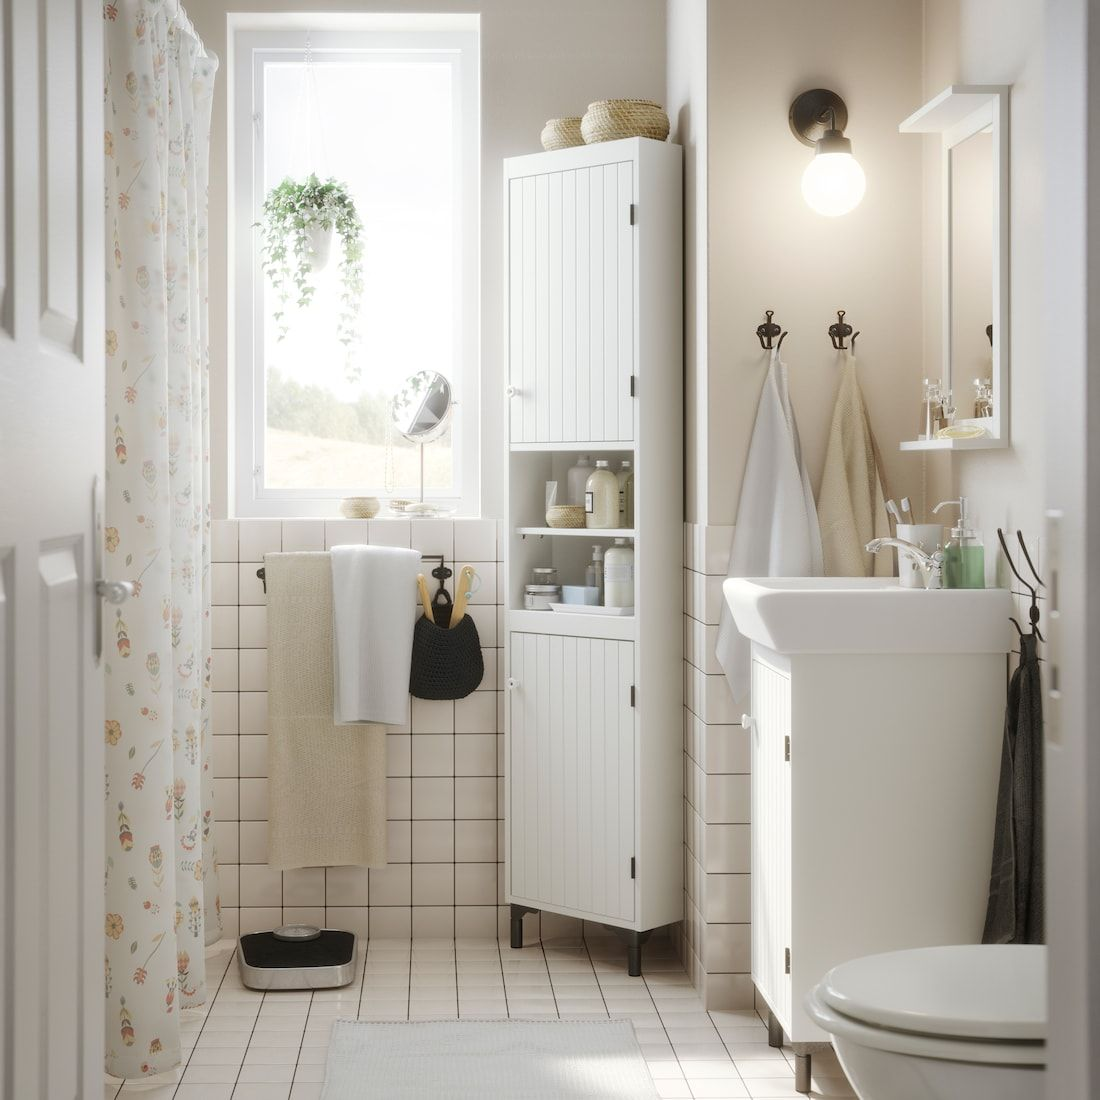 5 Kleines Bad Renovieren Vorher Nachher Wohndesign Eintagamsee Badezimmer Neu Gestalten Wc Renovieren Gaste Wc